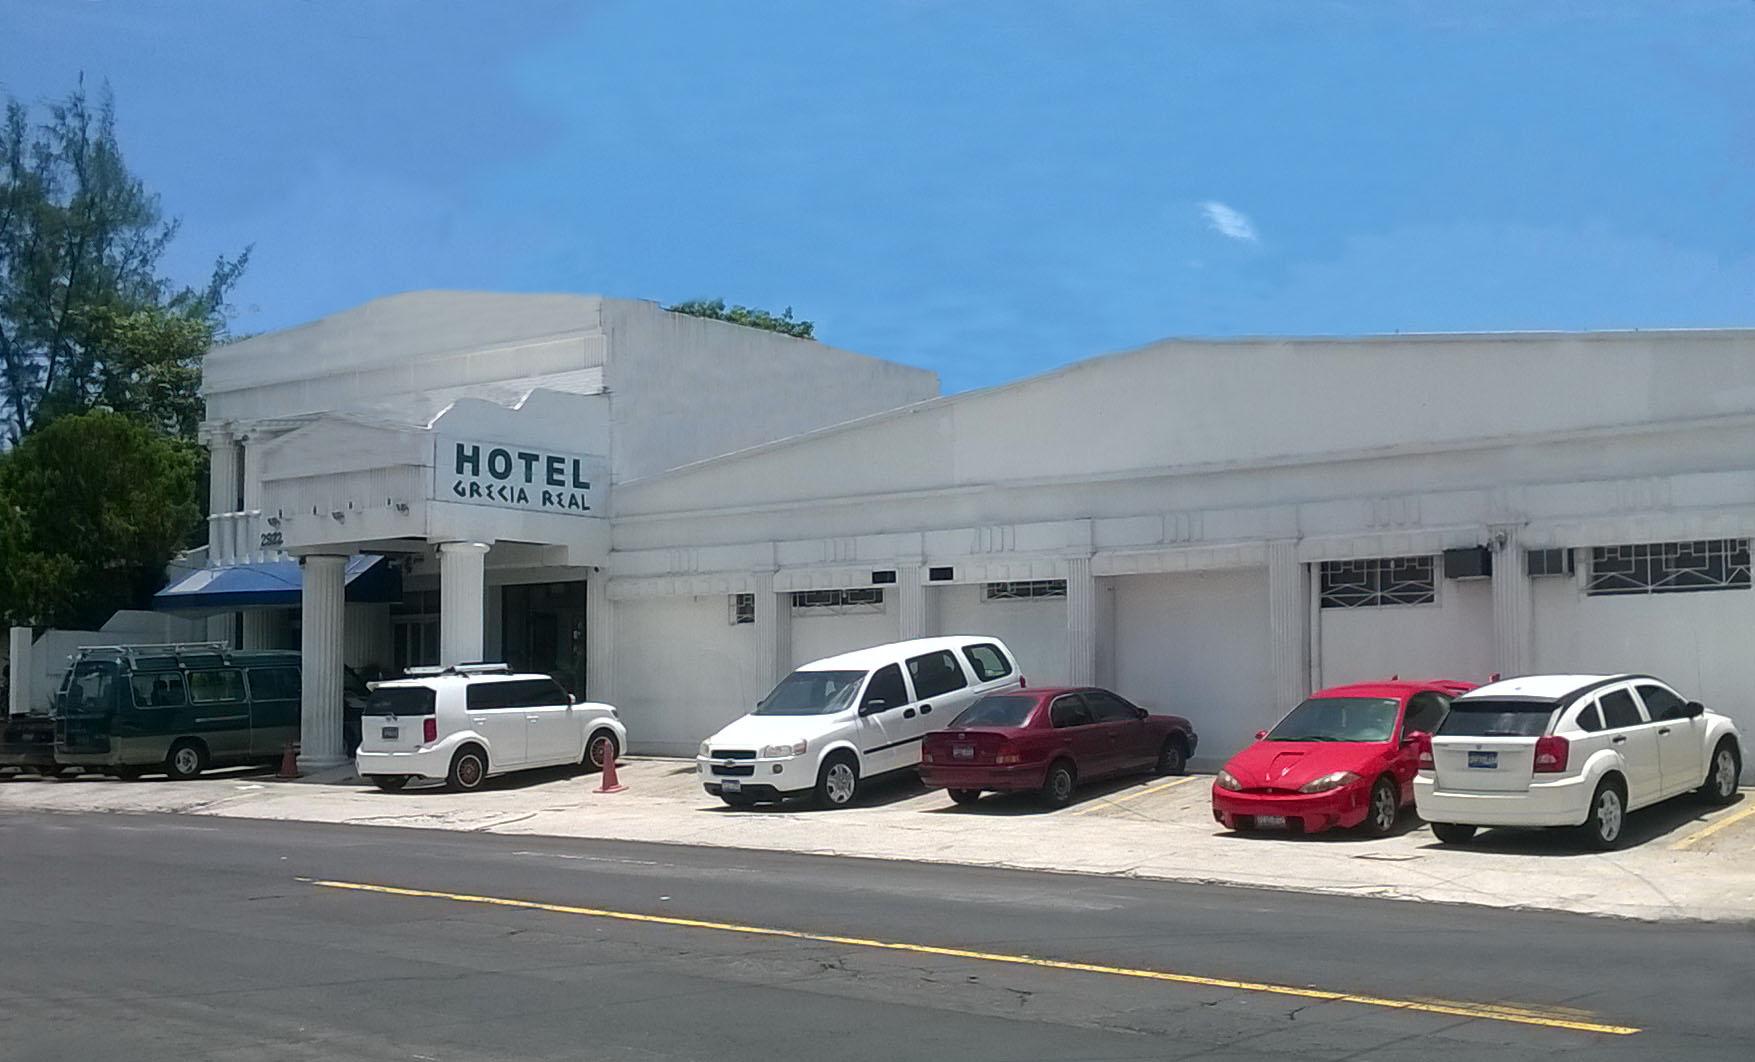   Hotel Grecia Real   San Sa